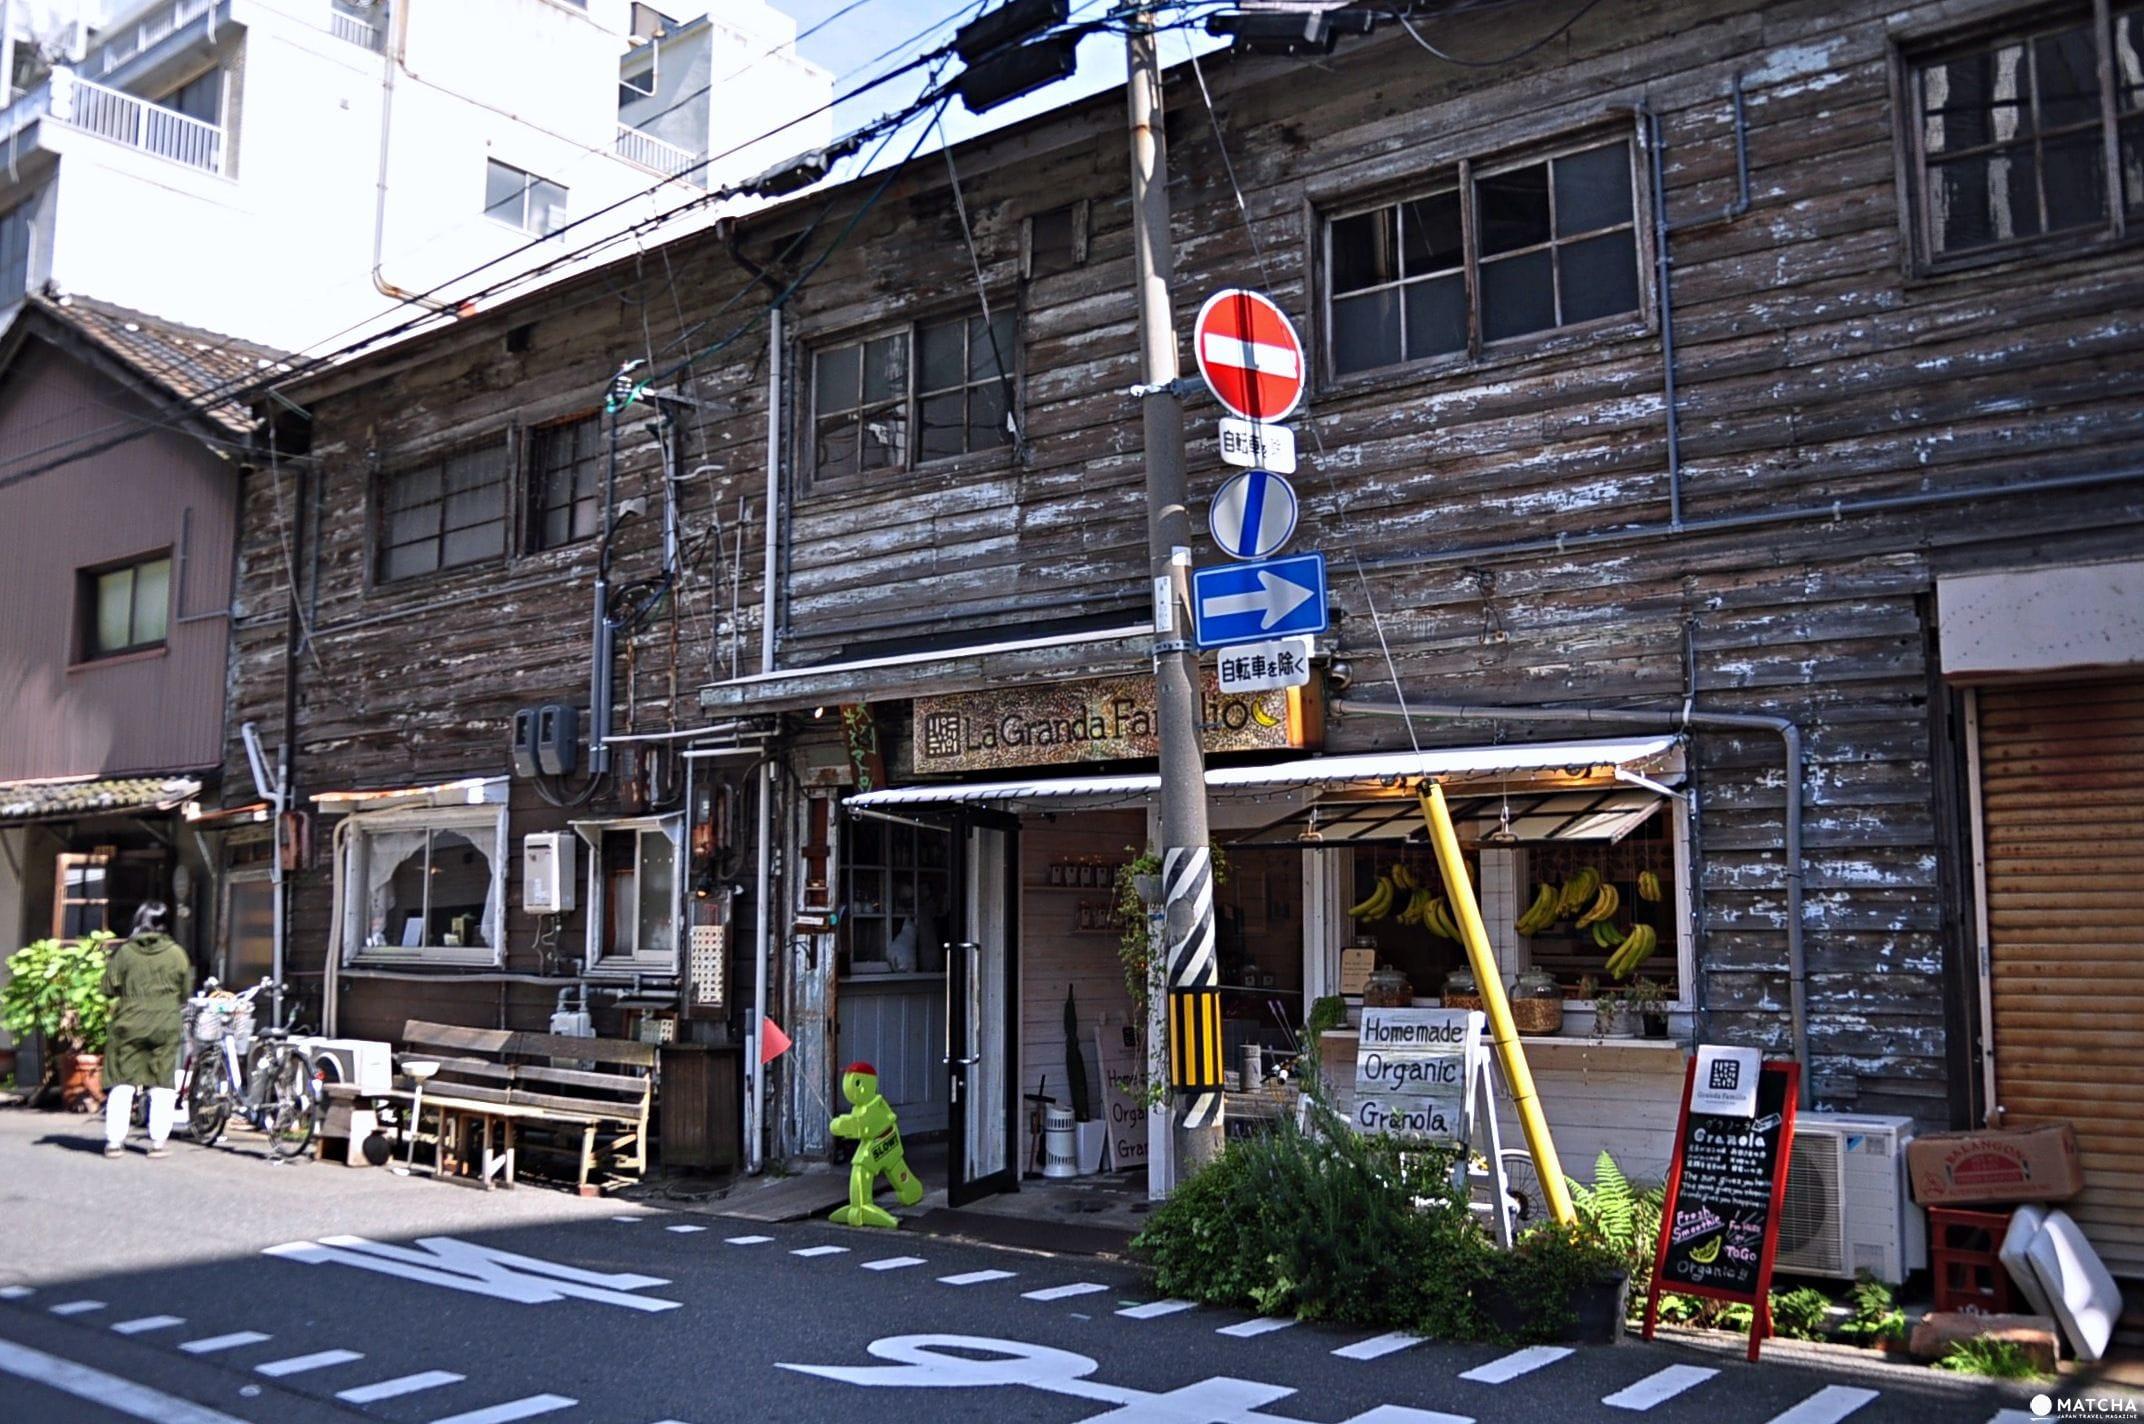 中崎町有機蜂蜜穀片la granda familia